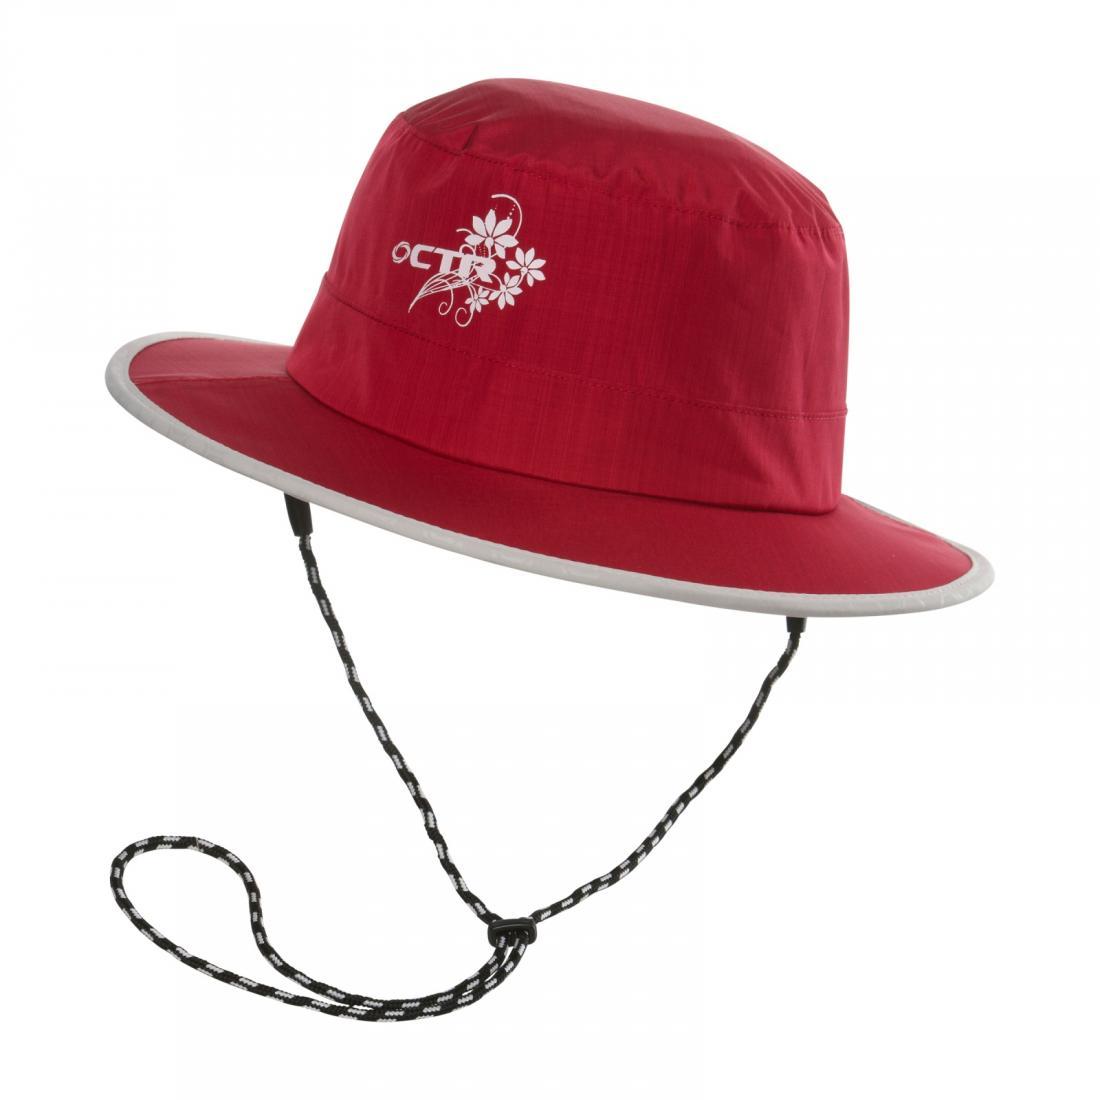 Панама Chaos  Stratus Bucket Hat (женс)Панамы<br><br> Женская панама Chaos Stratus Bucket Hat привлекает внимание сочными оттенками и небольшим элегантным принтом. Она станет верной спутницей в путешествиях и незаменимой помощницей в любую погоду. Эта модель одинаково хорошо защищает от ярких солнечны...<br><br>Цвет: Красный<br>Размер: S-M